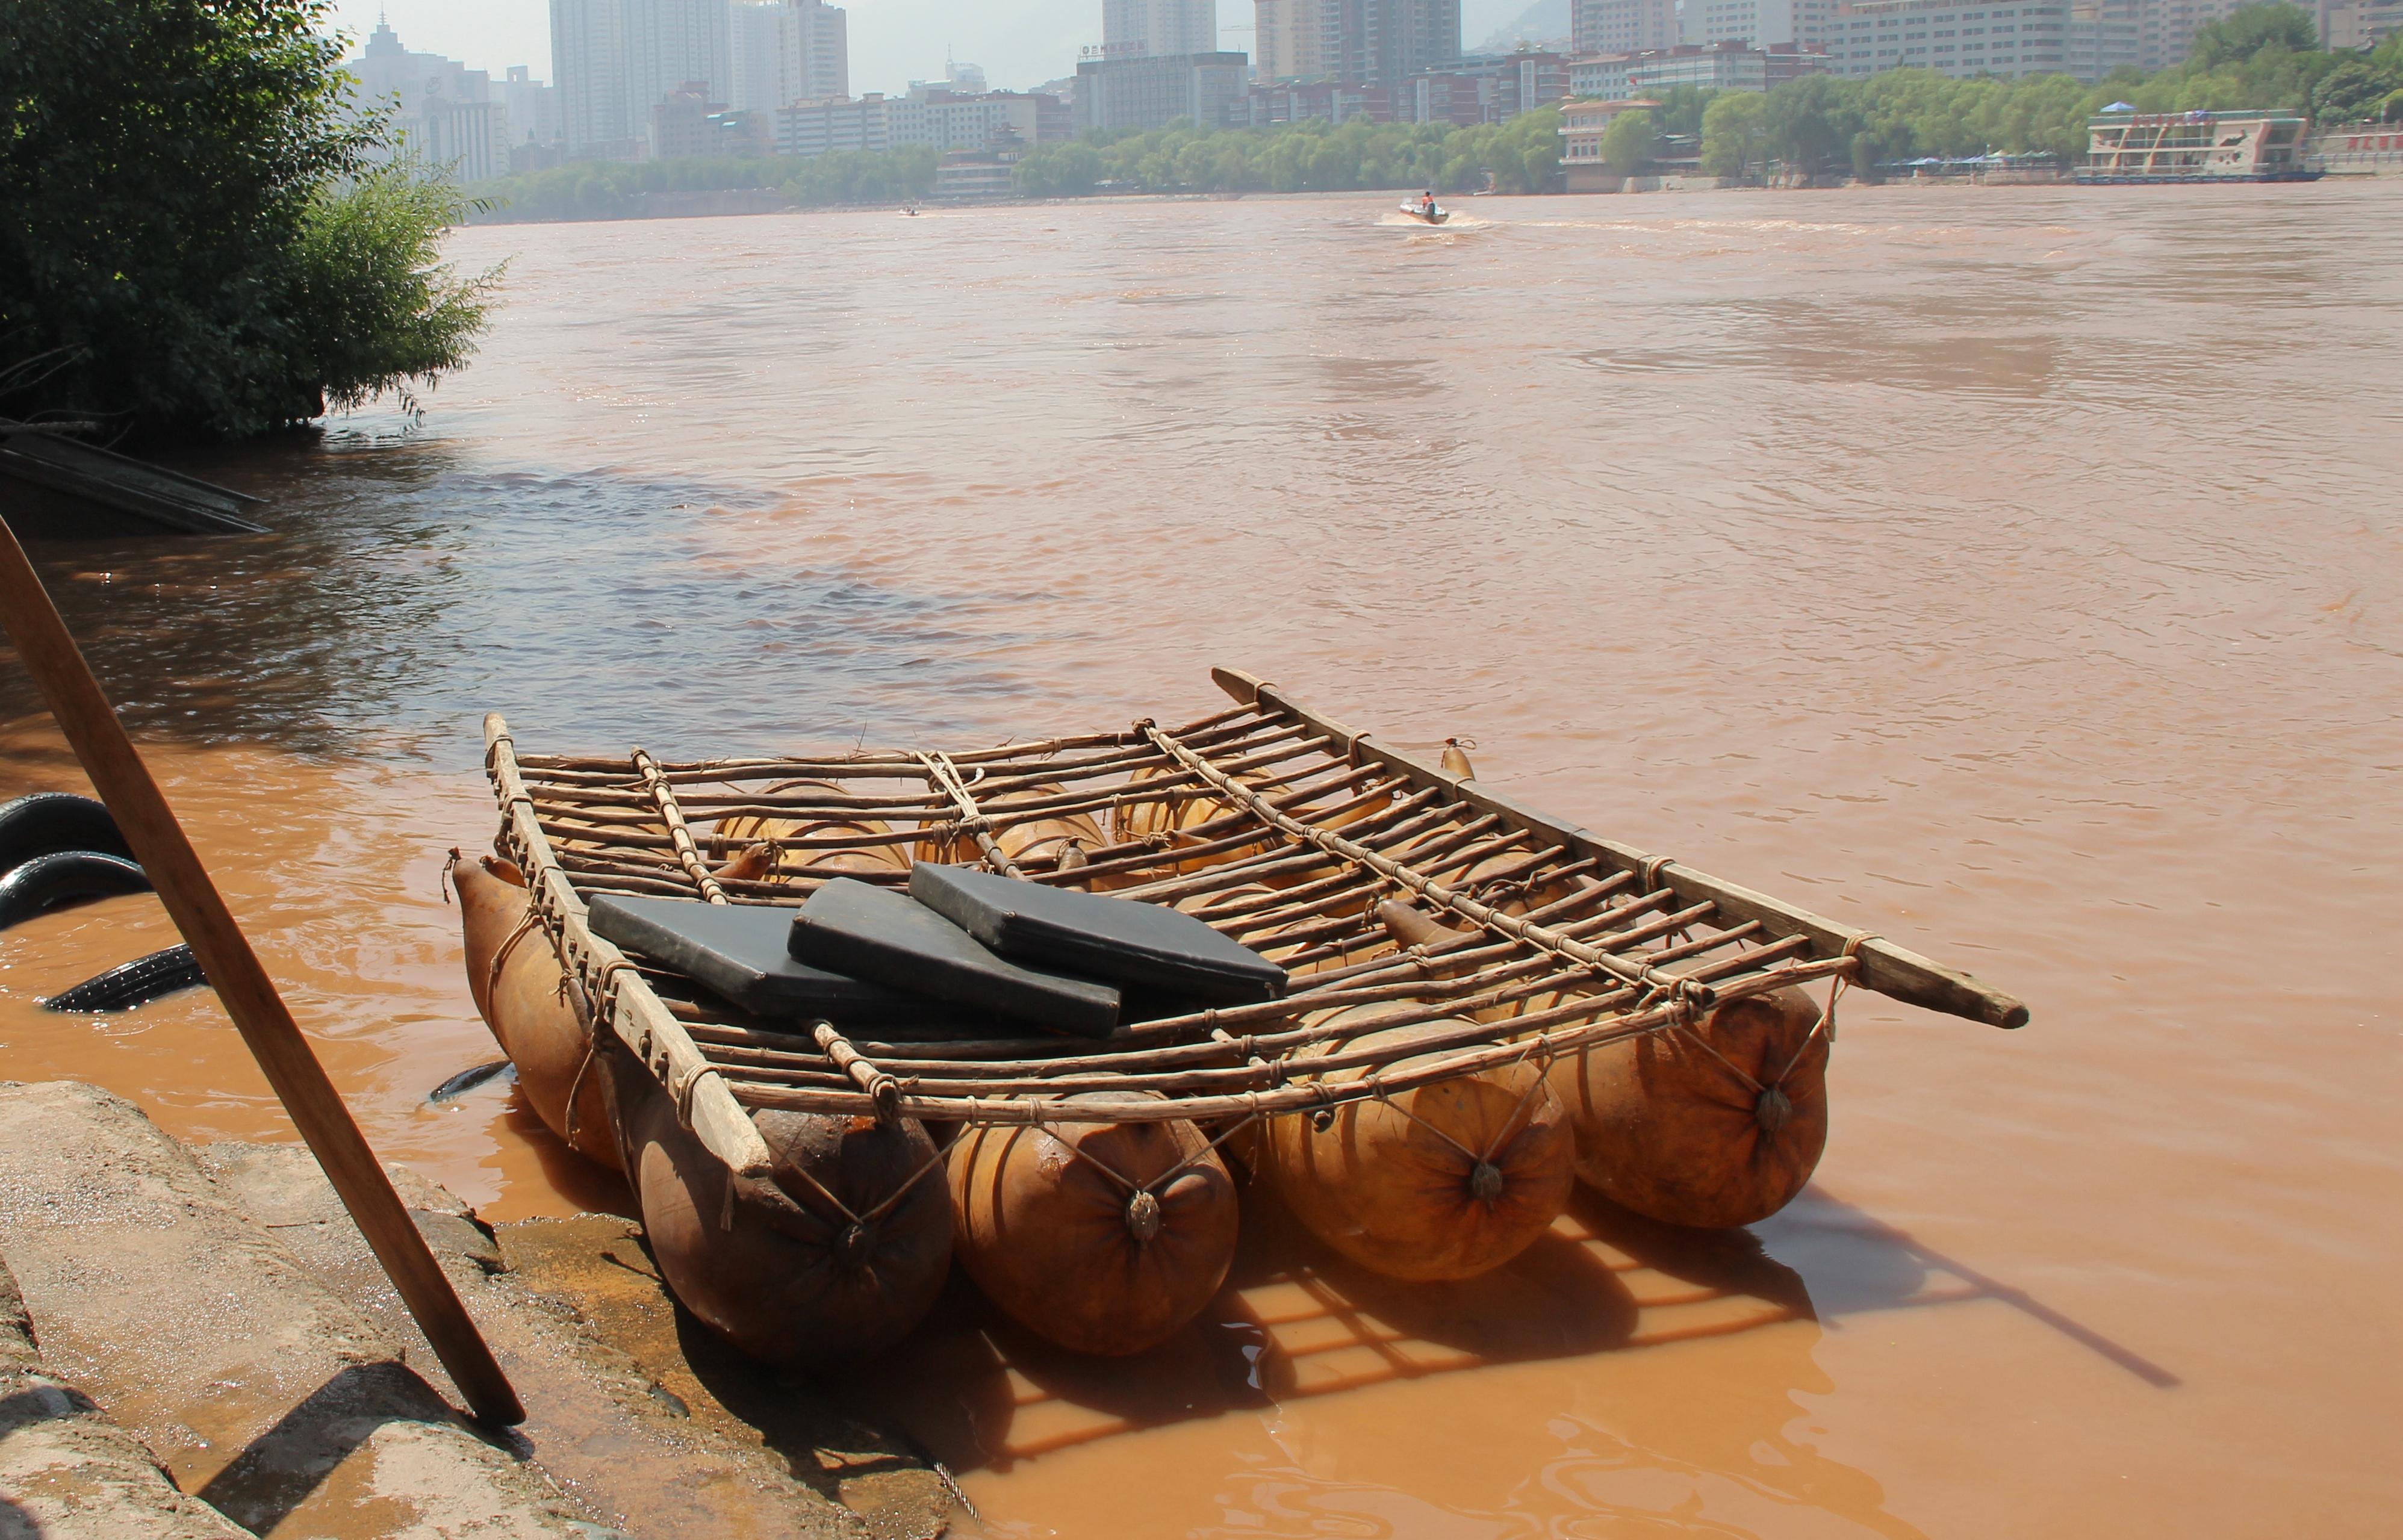 【新闻学子重走西北角】黄河上的皮筏子:古老的水上精灵